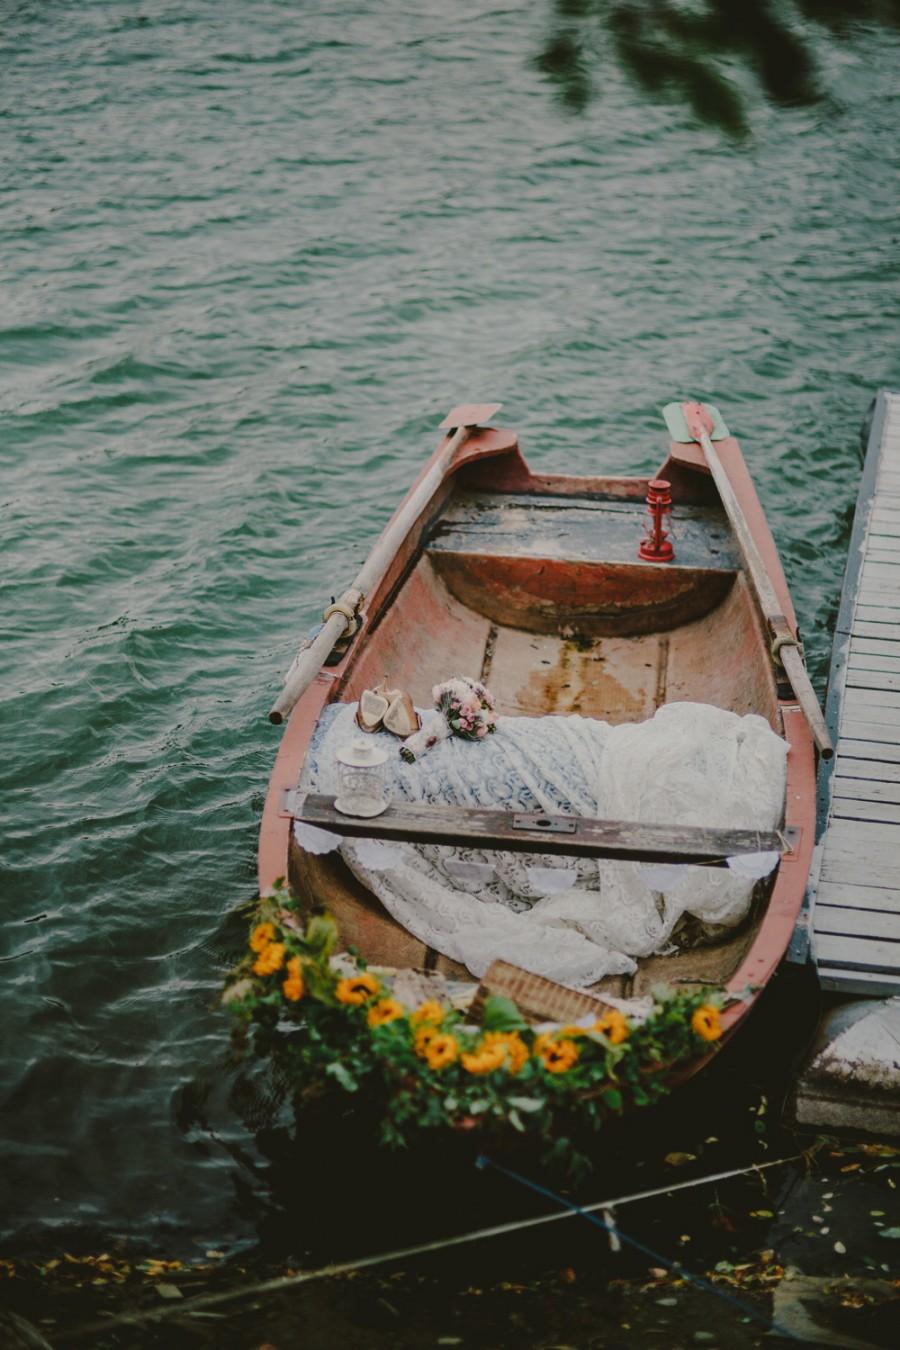 romanian-pond-boat30a